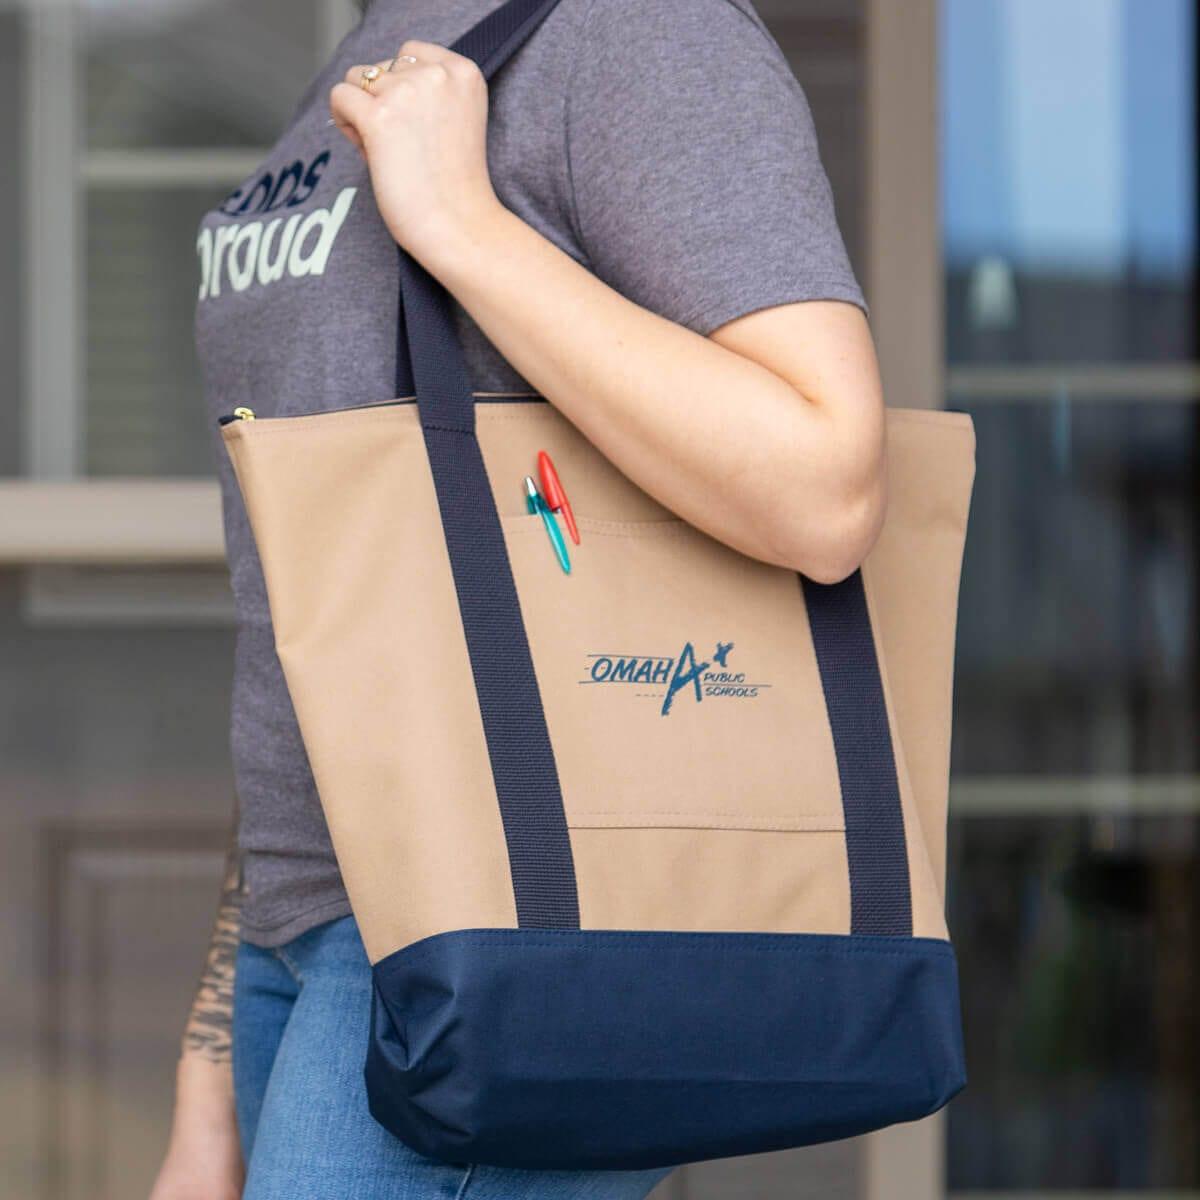 Tote Bag for Omaha Public Schools